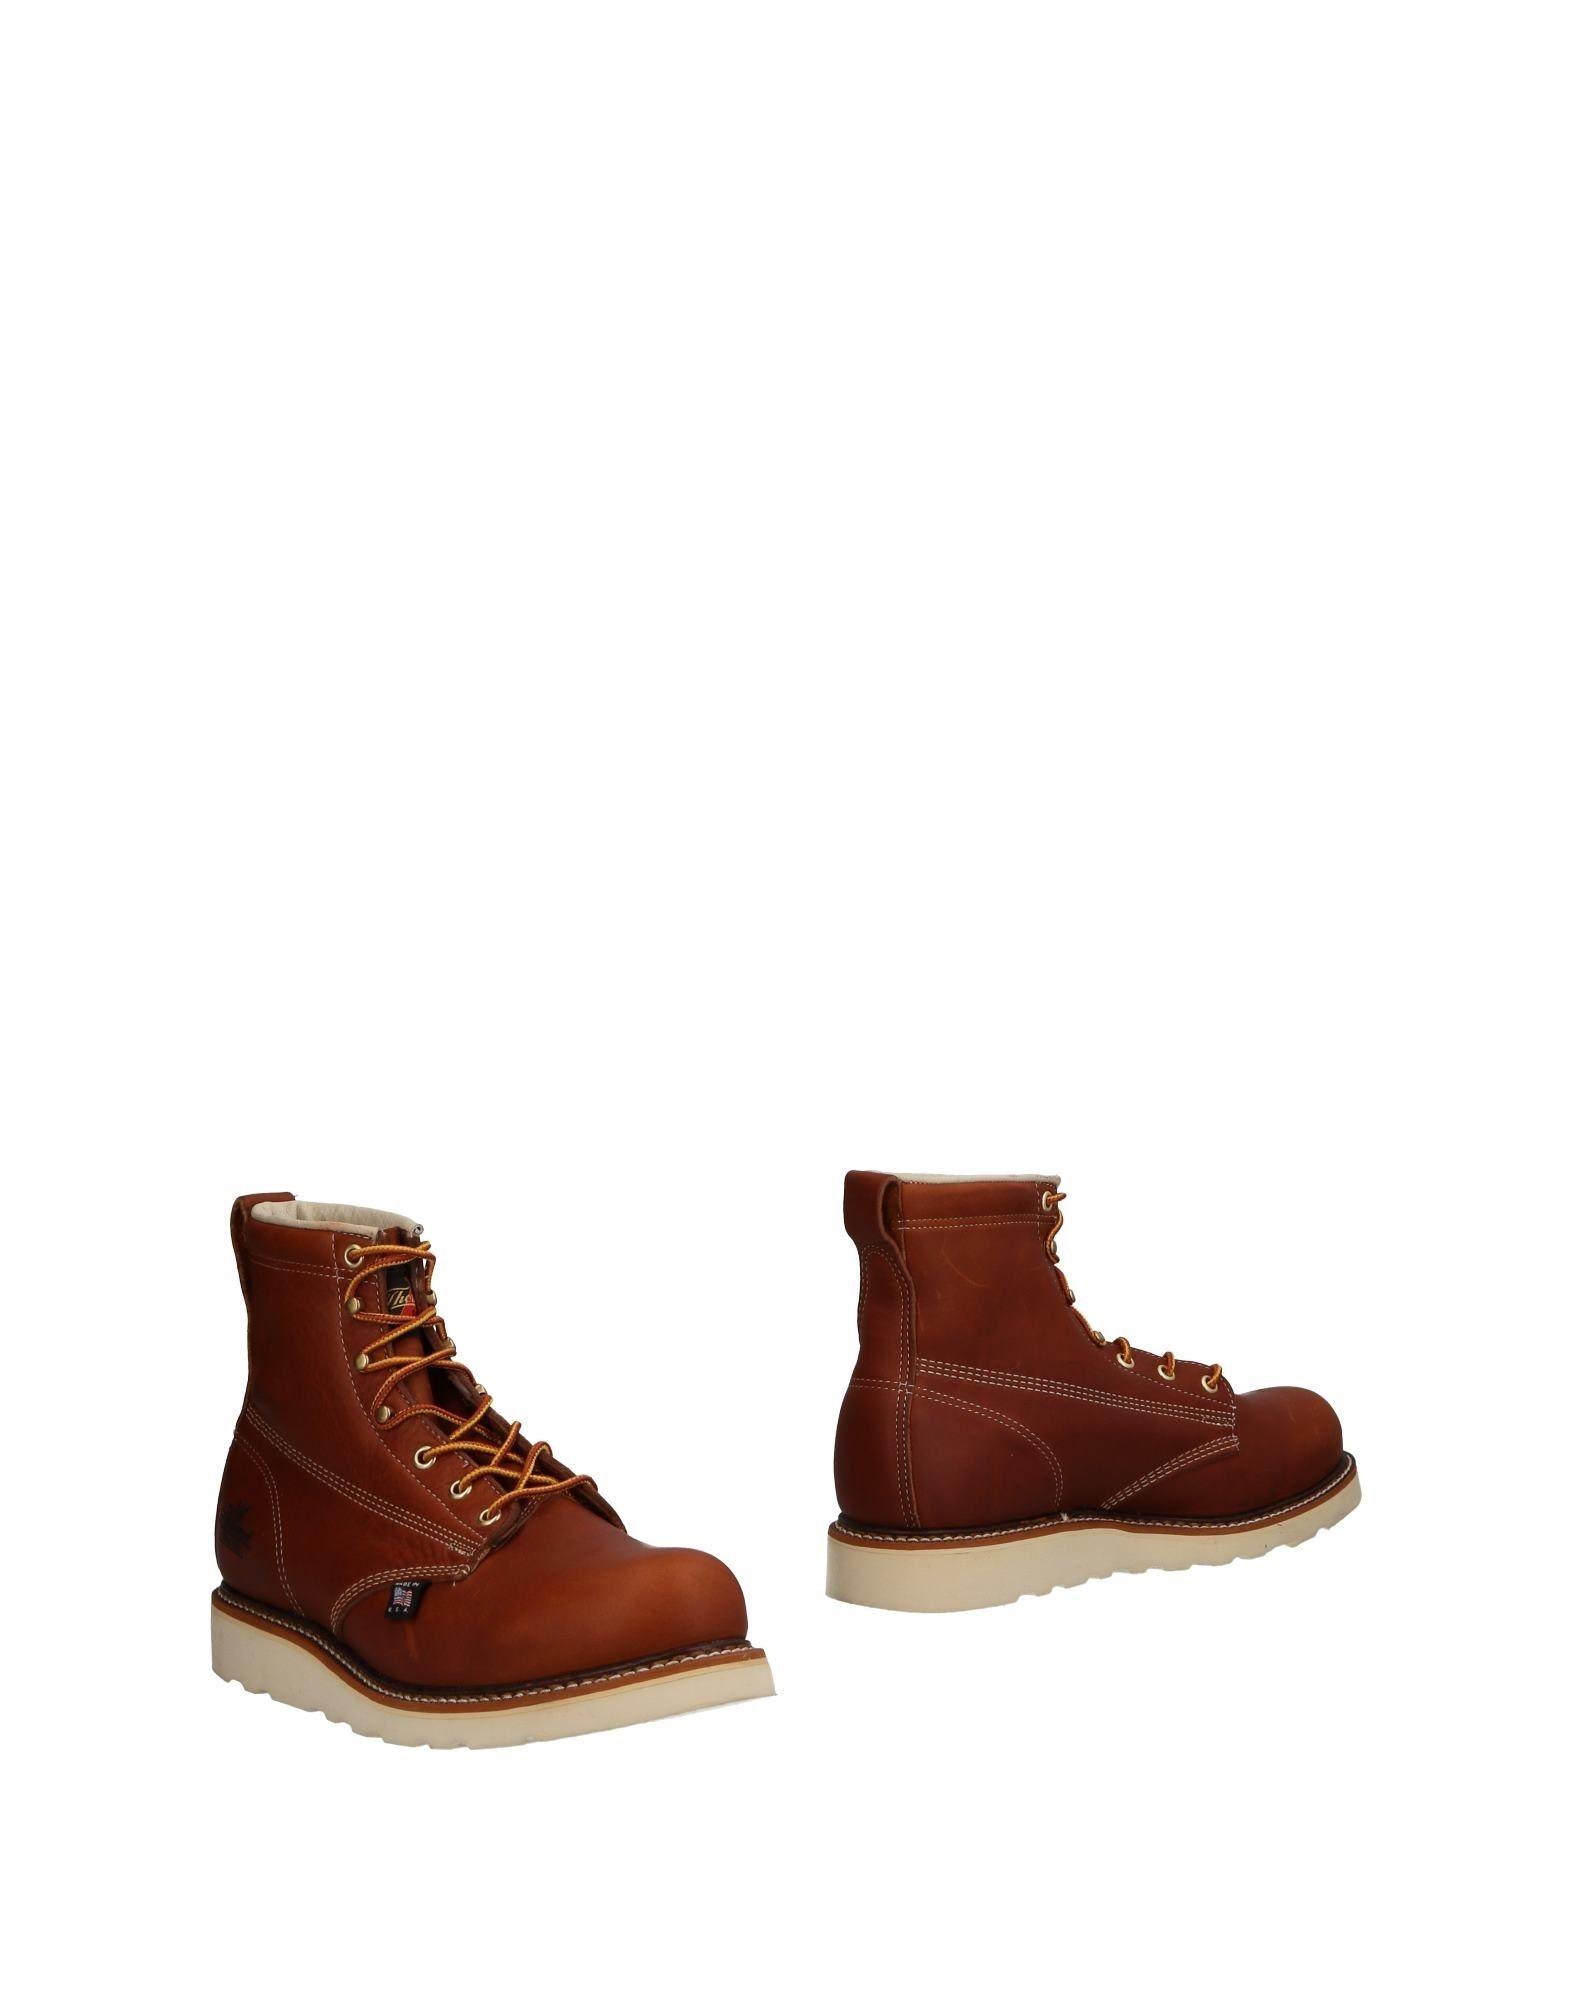 Thorogood Stiefelette Herren  11498348BC Gute Qualität beliebte Schuhe